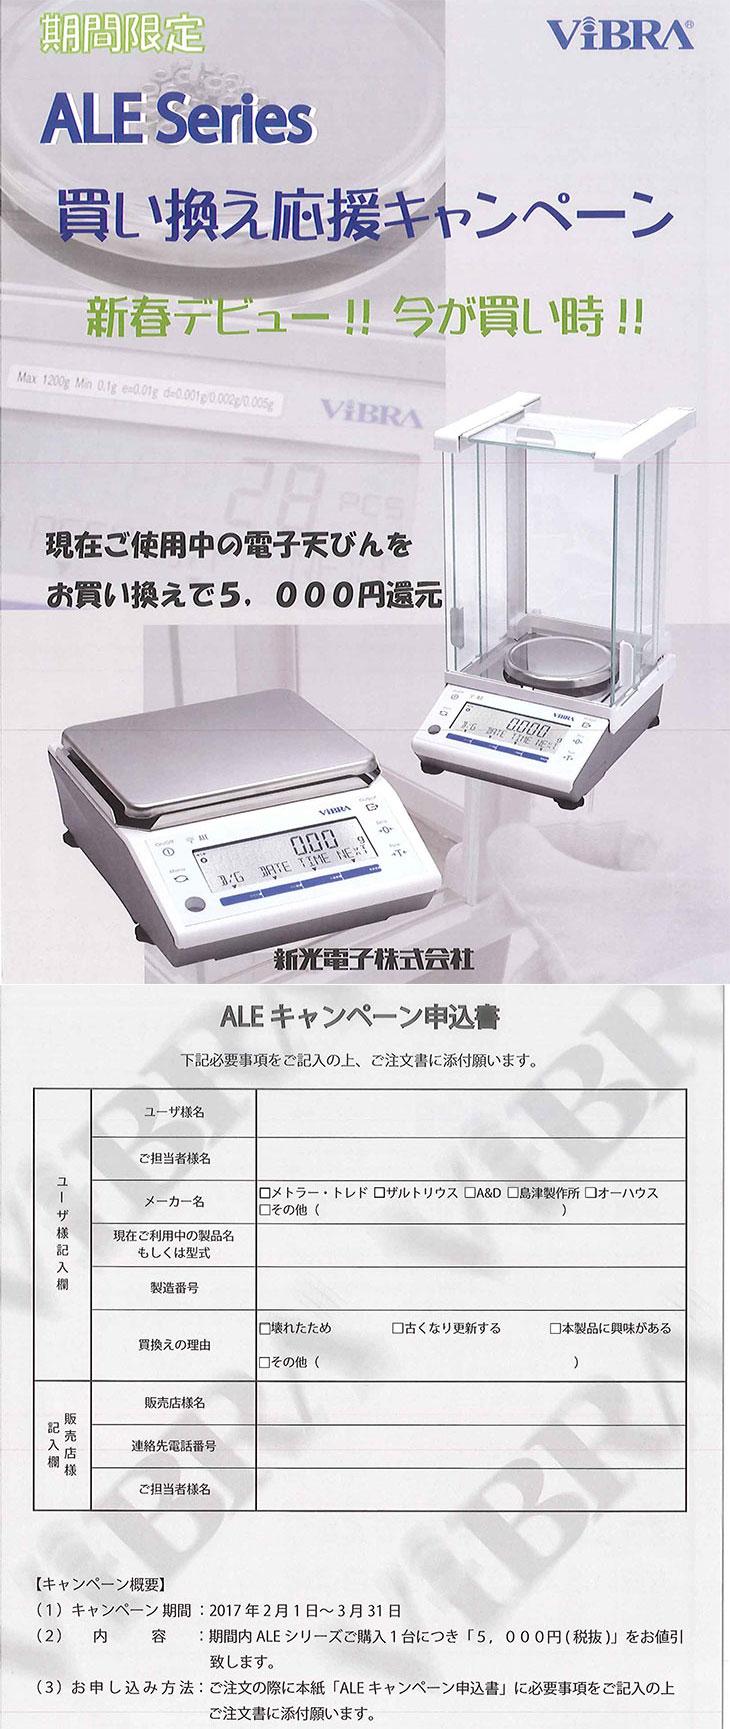 新光電子のALEシリーズ買い換え応援キャンペーン